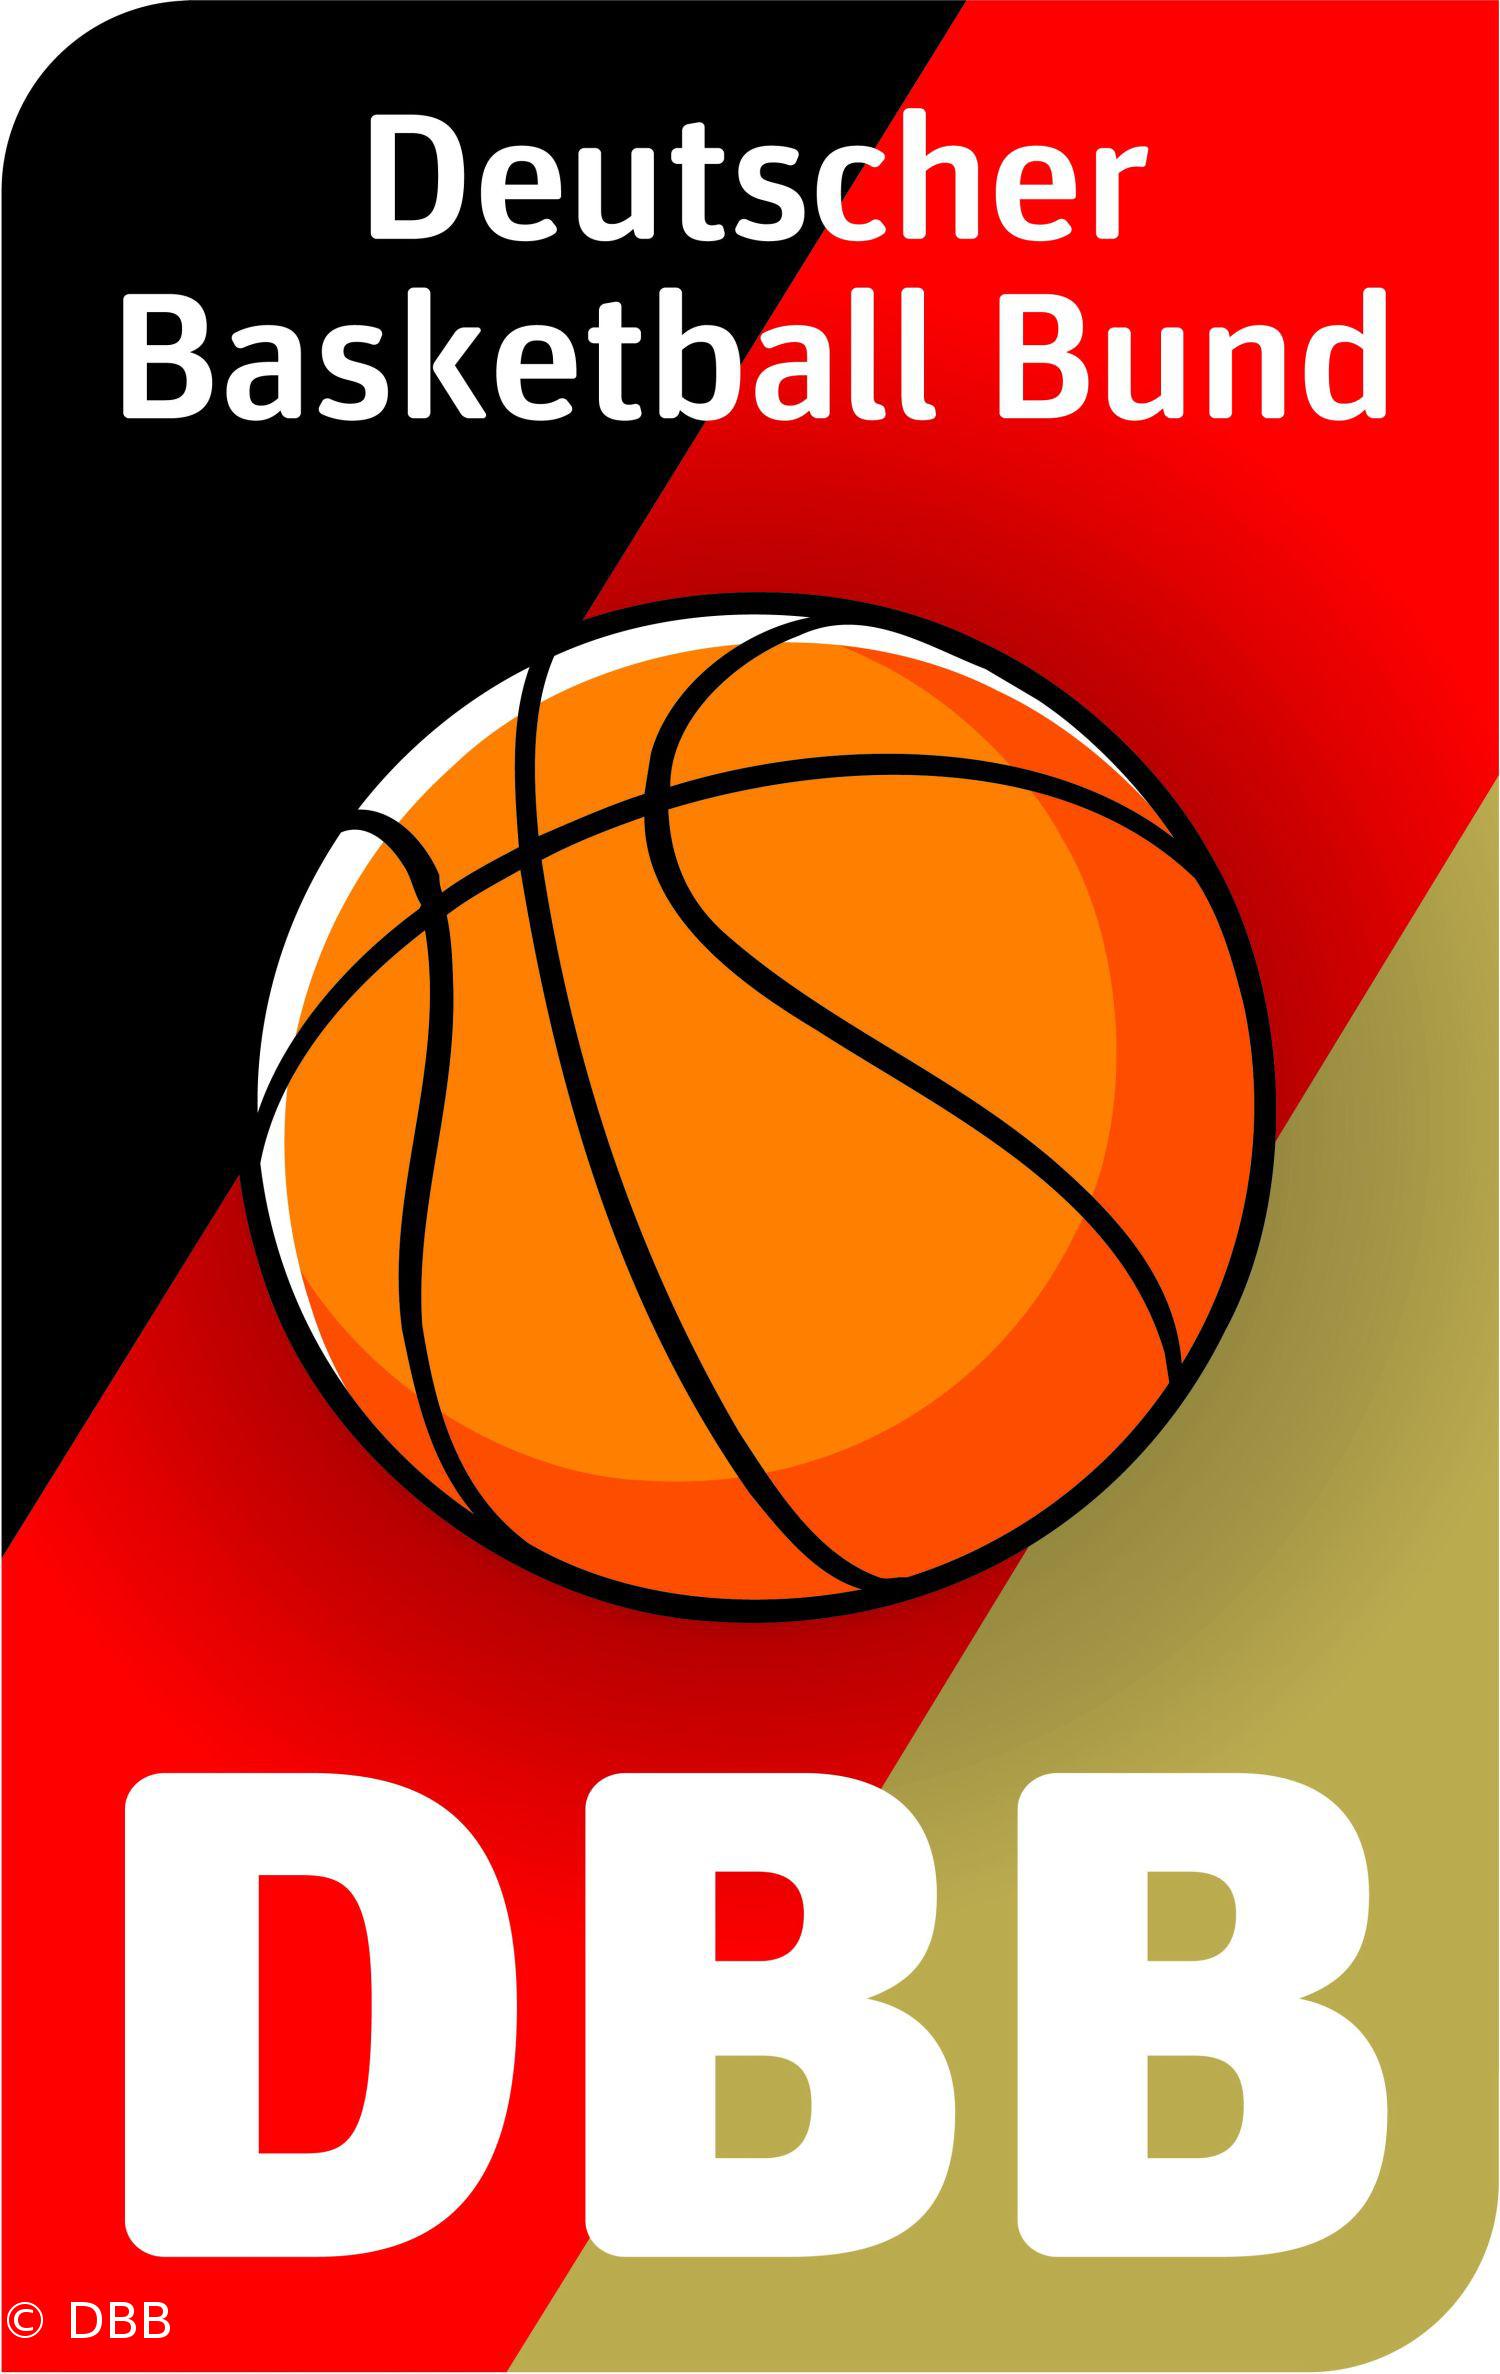 DBB-Bundestag findet im Rahmen einer Online-Konferenz statt